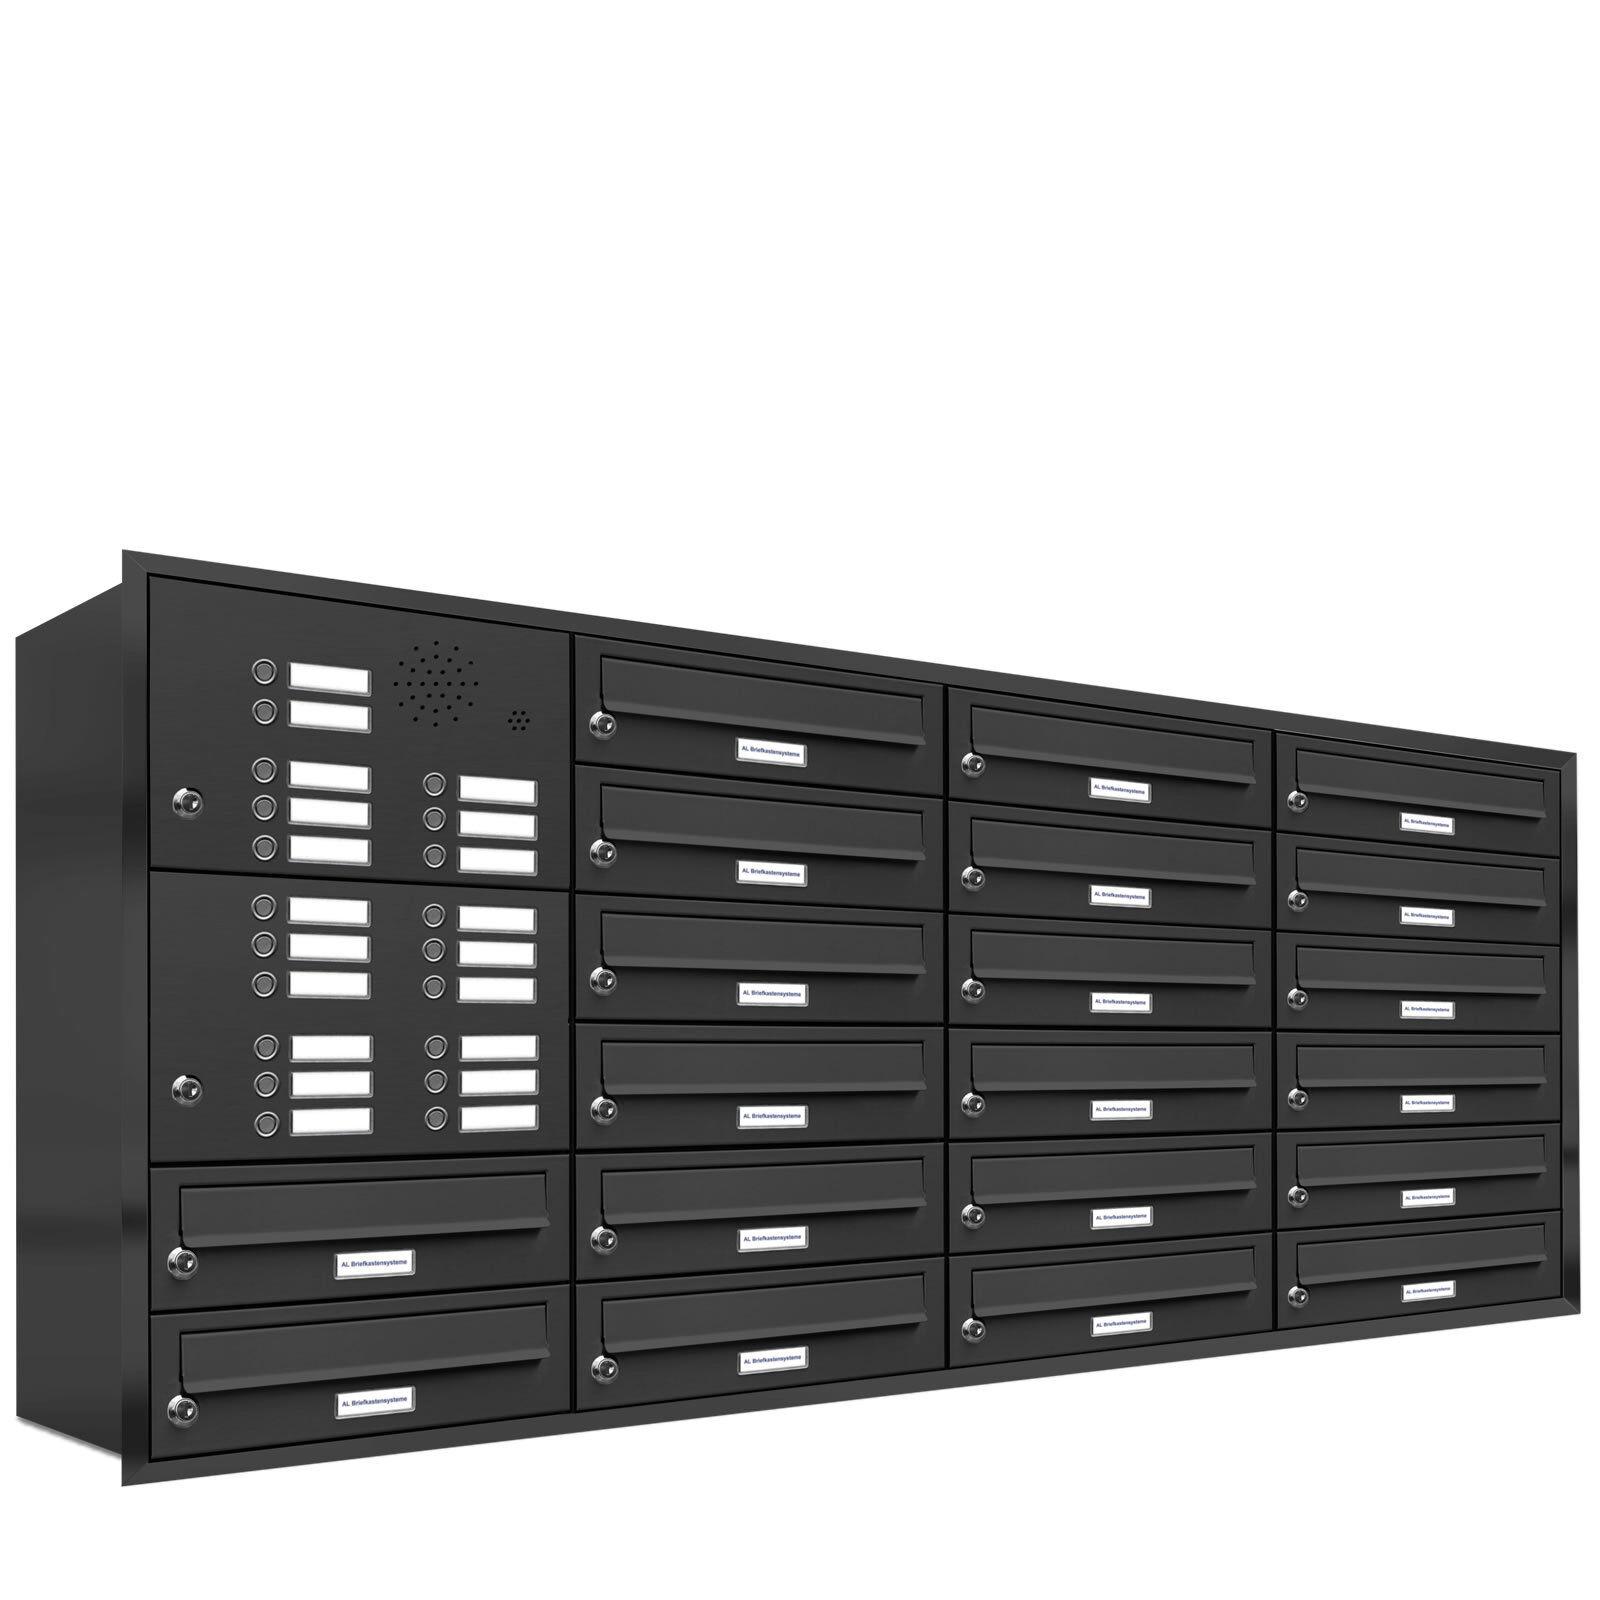 20 er Premium Unterputz Briefkasten Anlage Klingel RAL 7016 anthrazit Postkasten